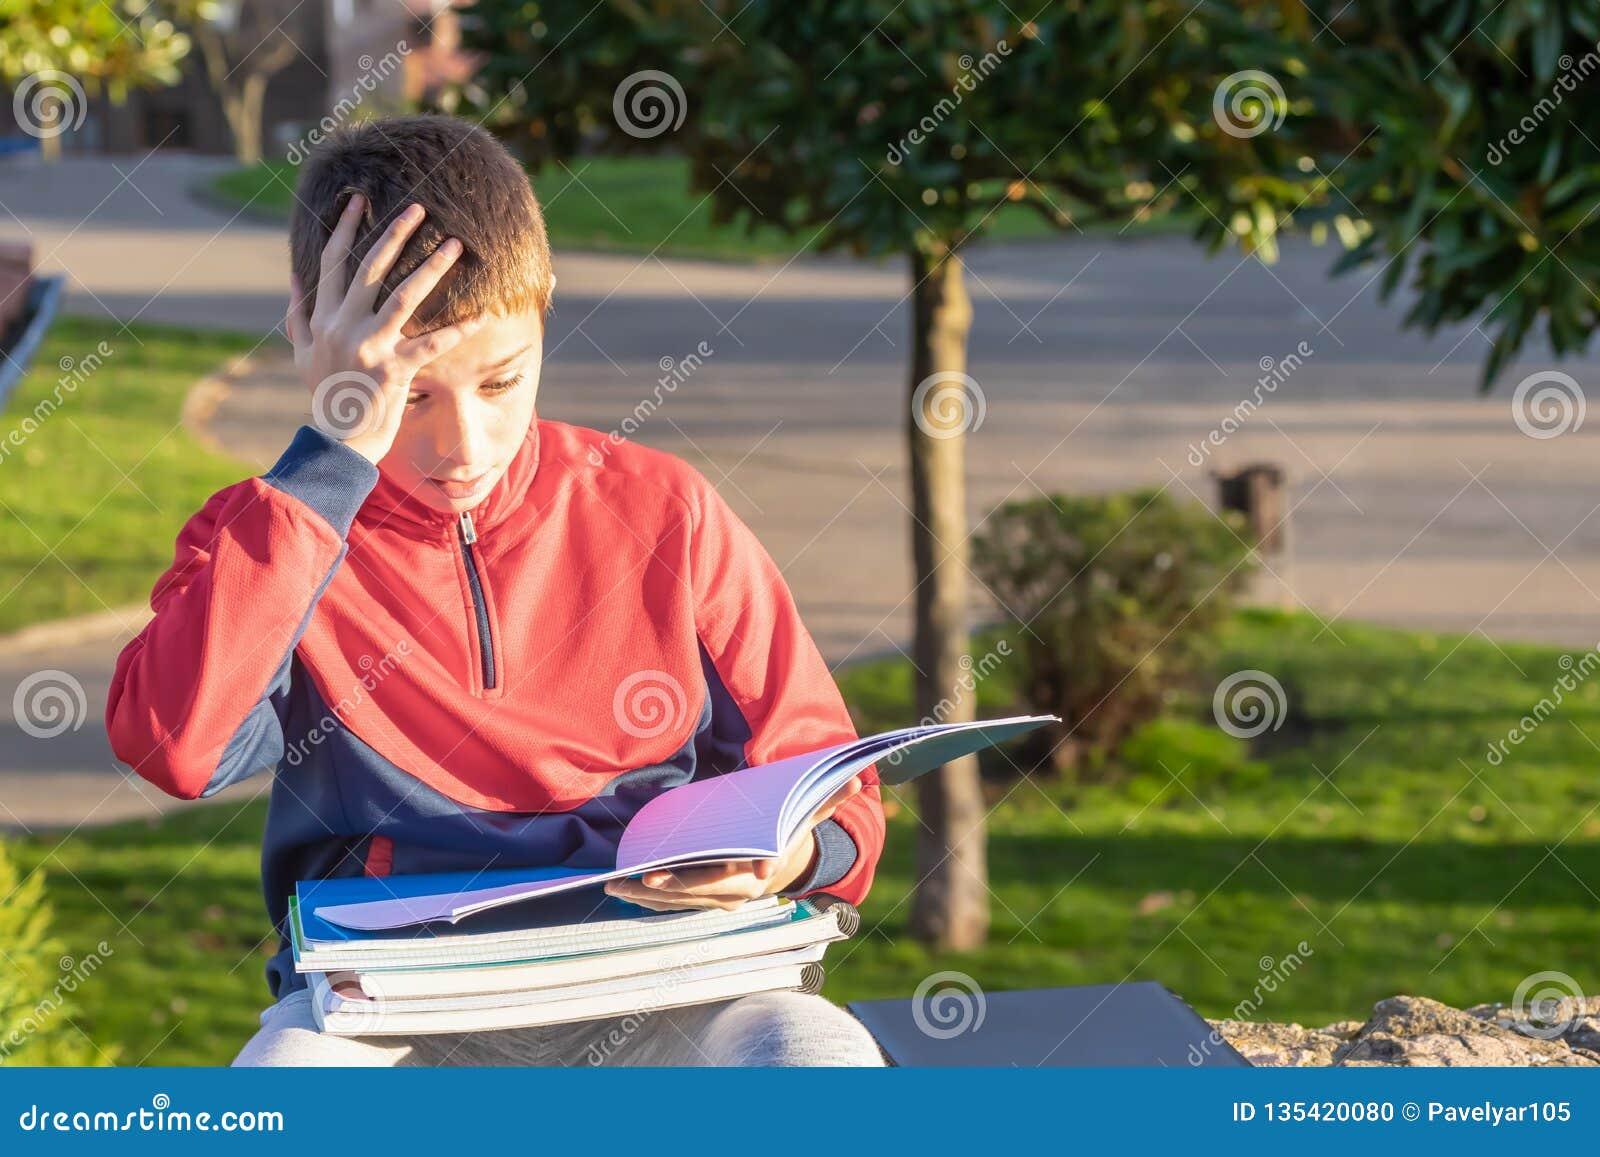 Adolescente triste virado com livros de texto e cadernos